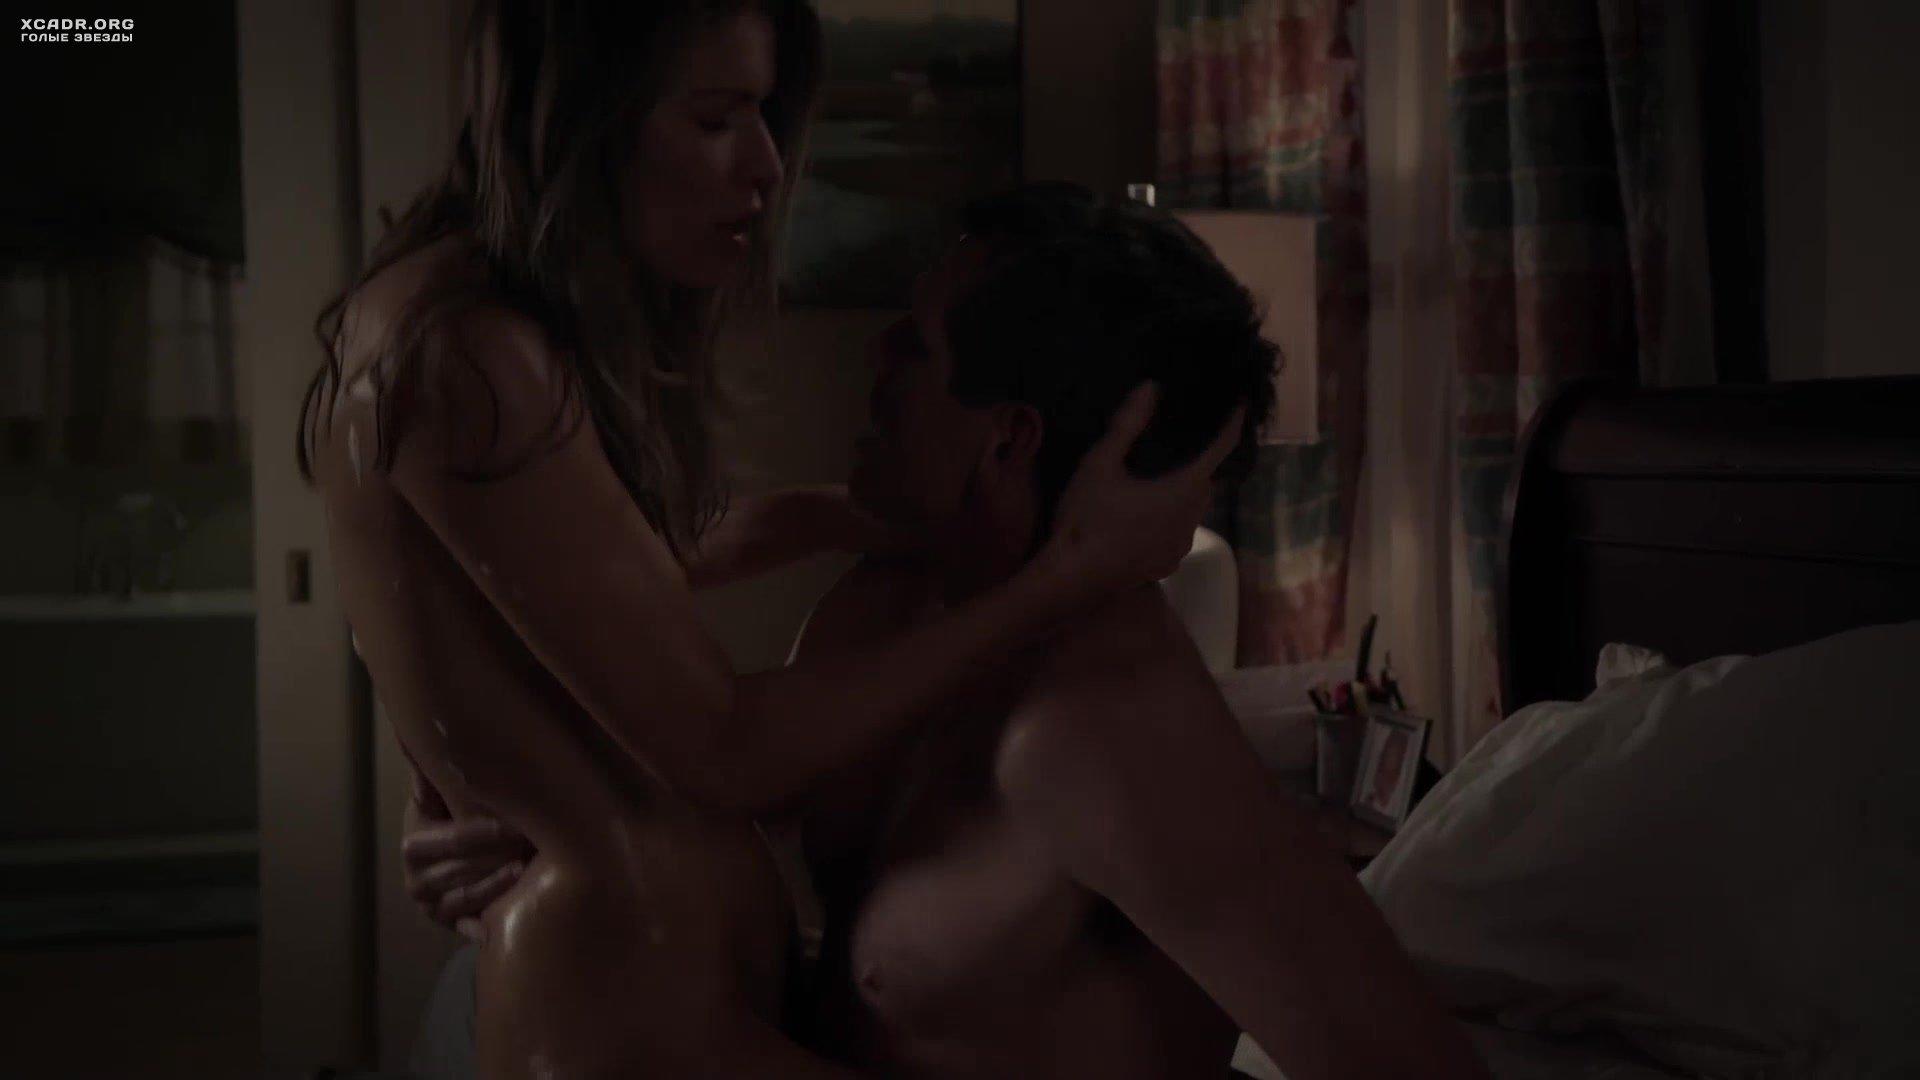 Все сцены секса с иванай миличевич